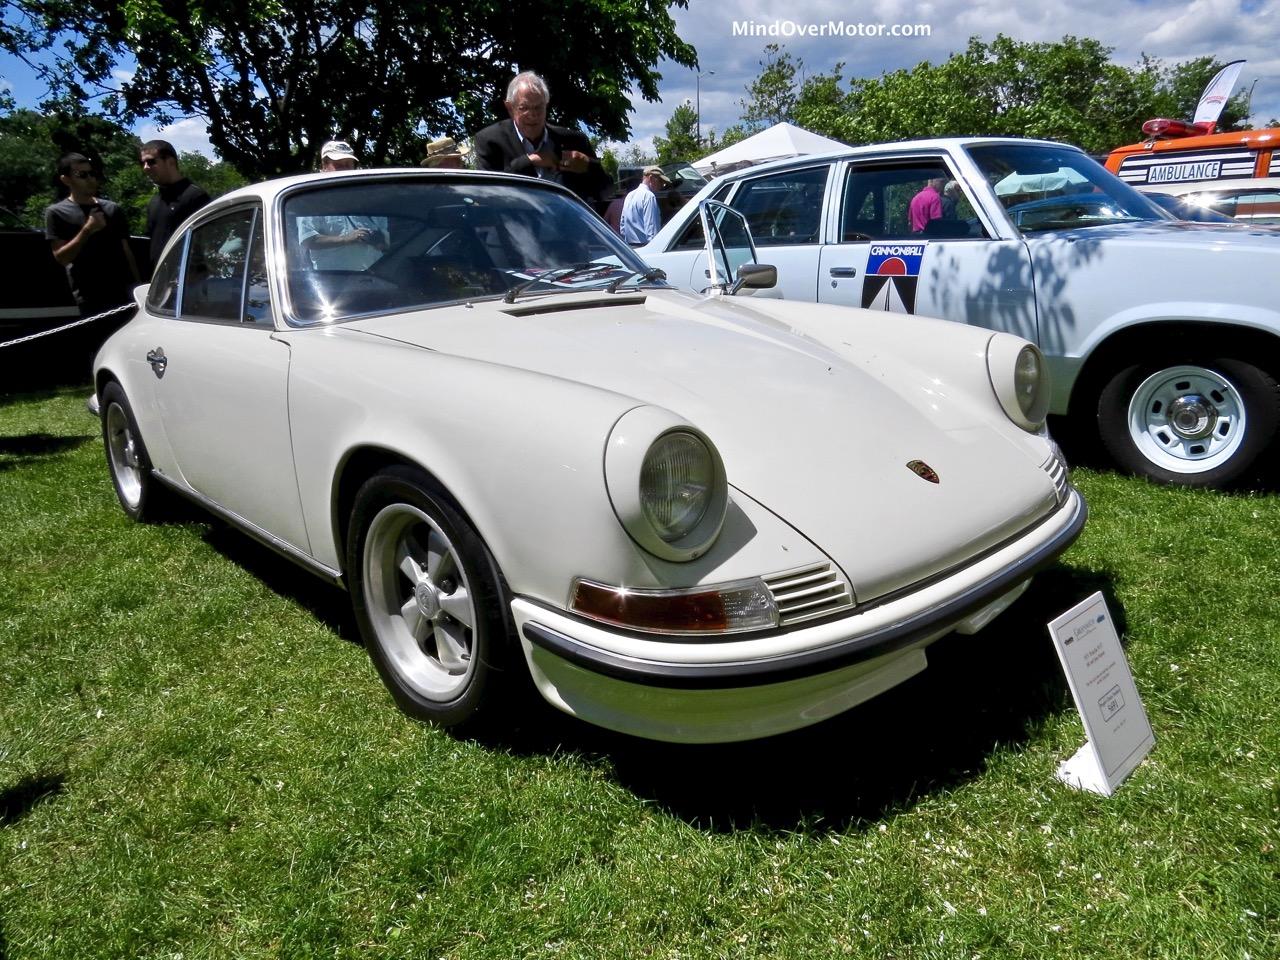 Porsche 911 Cannonball